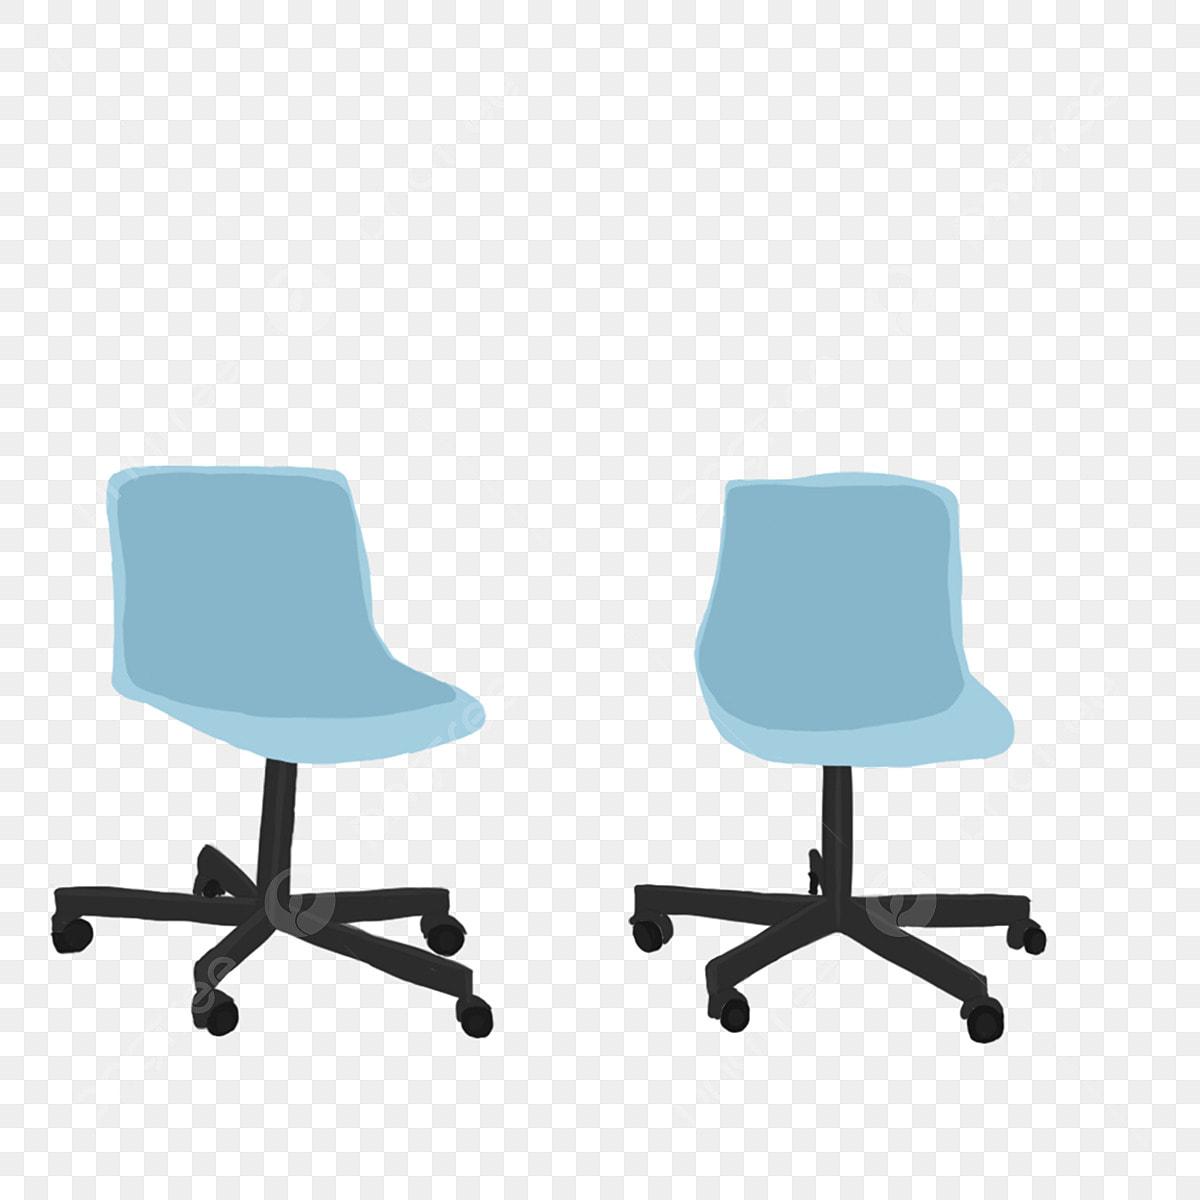 Chaise Bleues Bureau Deux Chaises De Bleue u1cTl35FJK